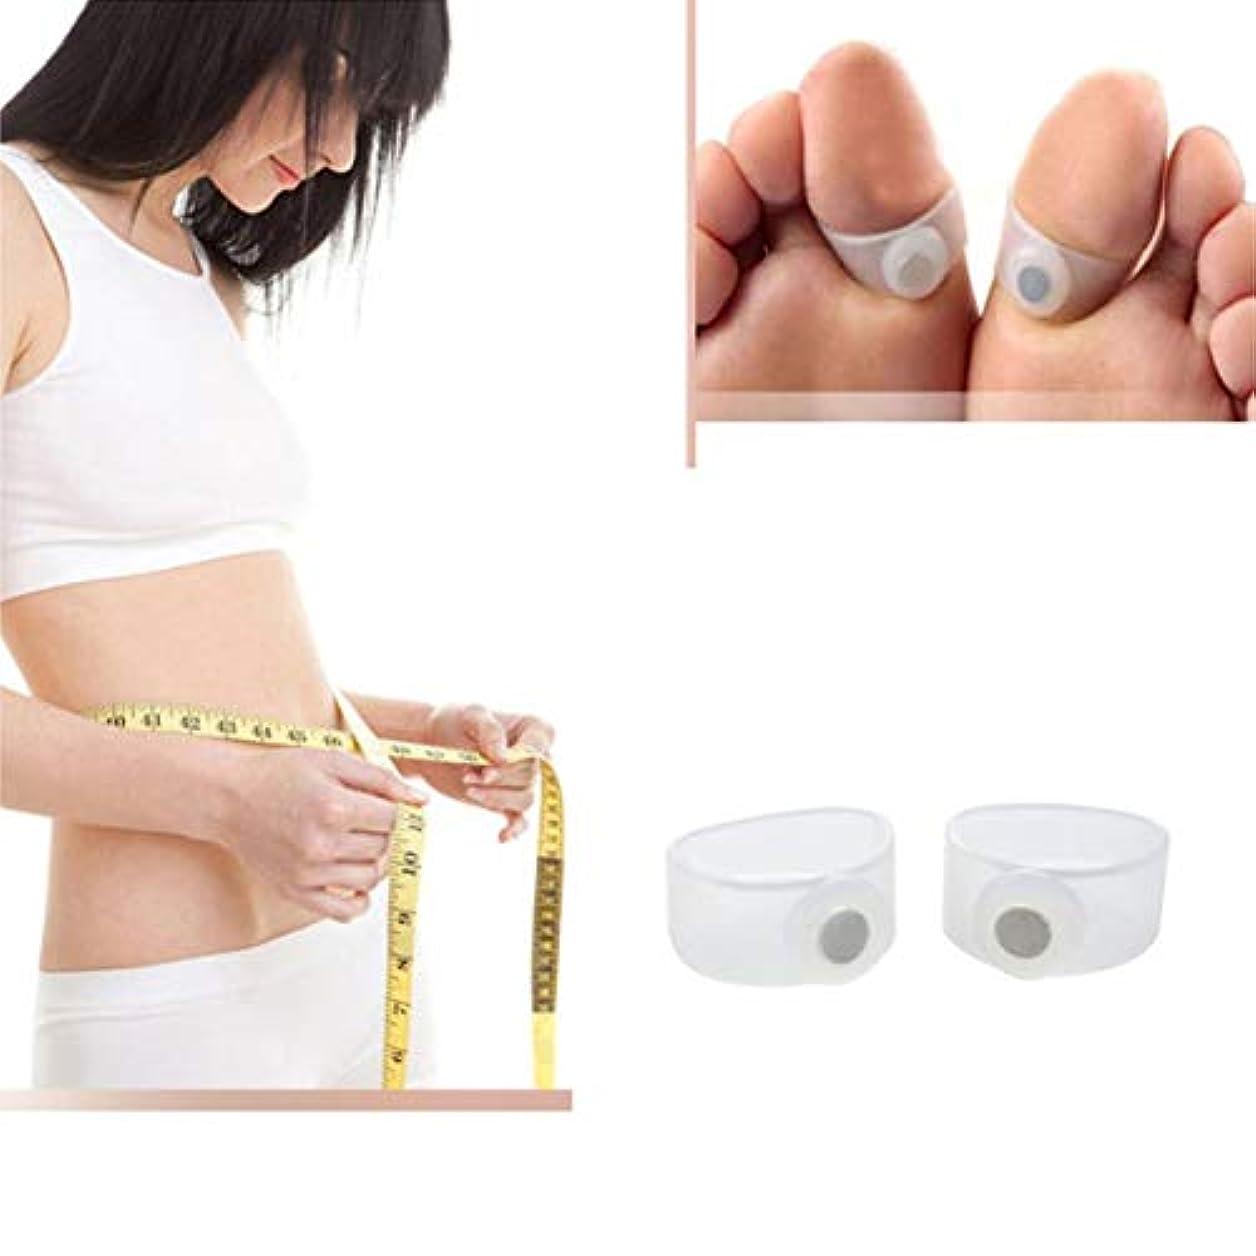 途方もない勇気ハンサム痩身シリコン磁気フットマッサージャーマッサージリラックスつま先リング減量健康ツール美容製品